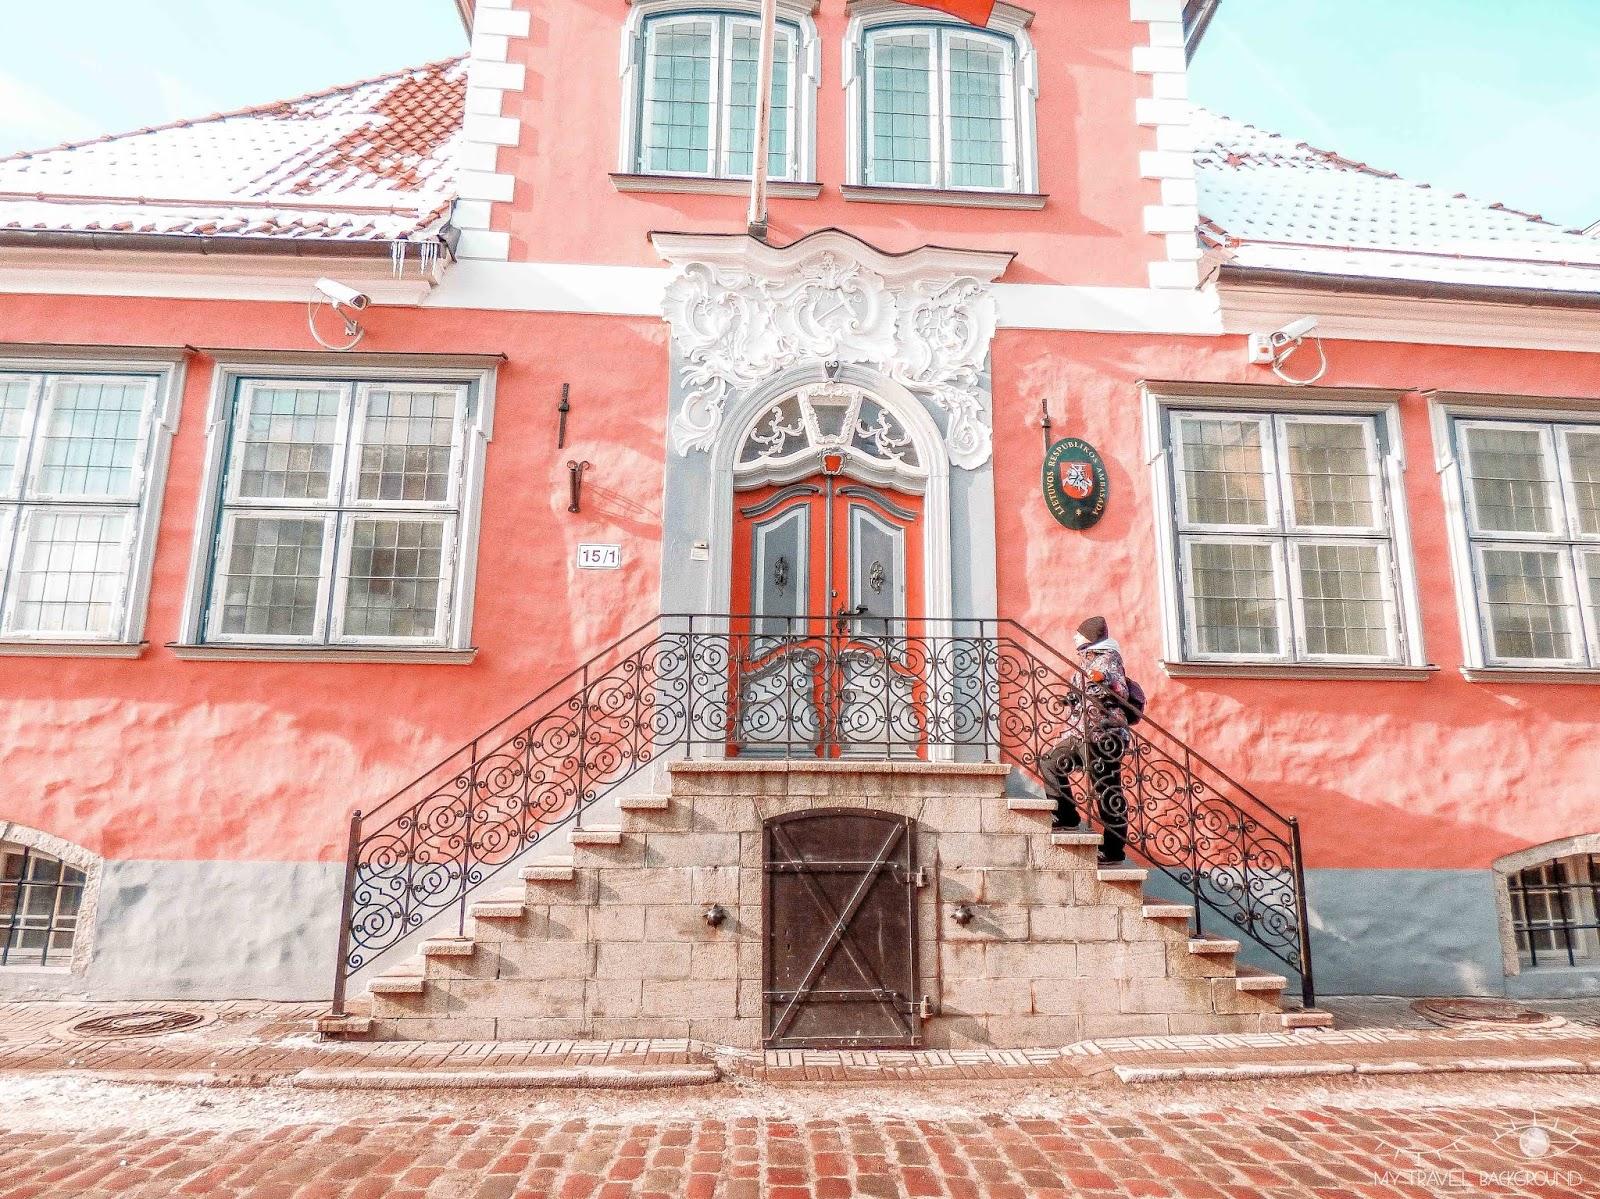 My Travel Background : Escale à Tallinn en Estonie, la perle de la Mer Baltique - Les jolies maisons de Tallinn